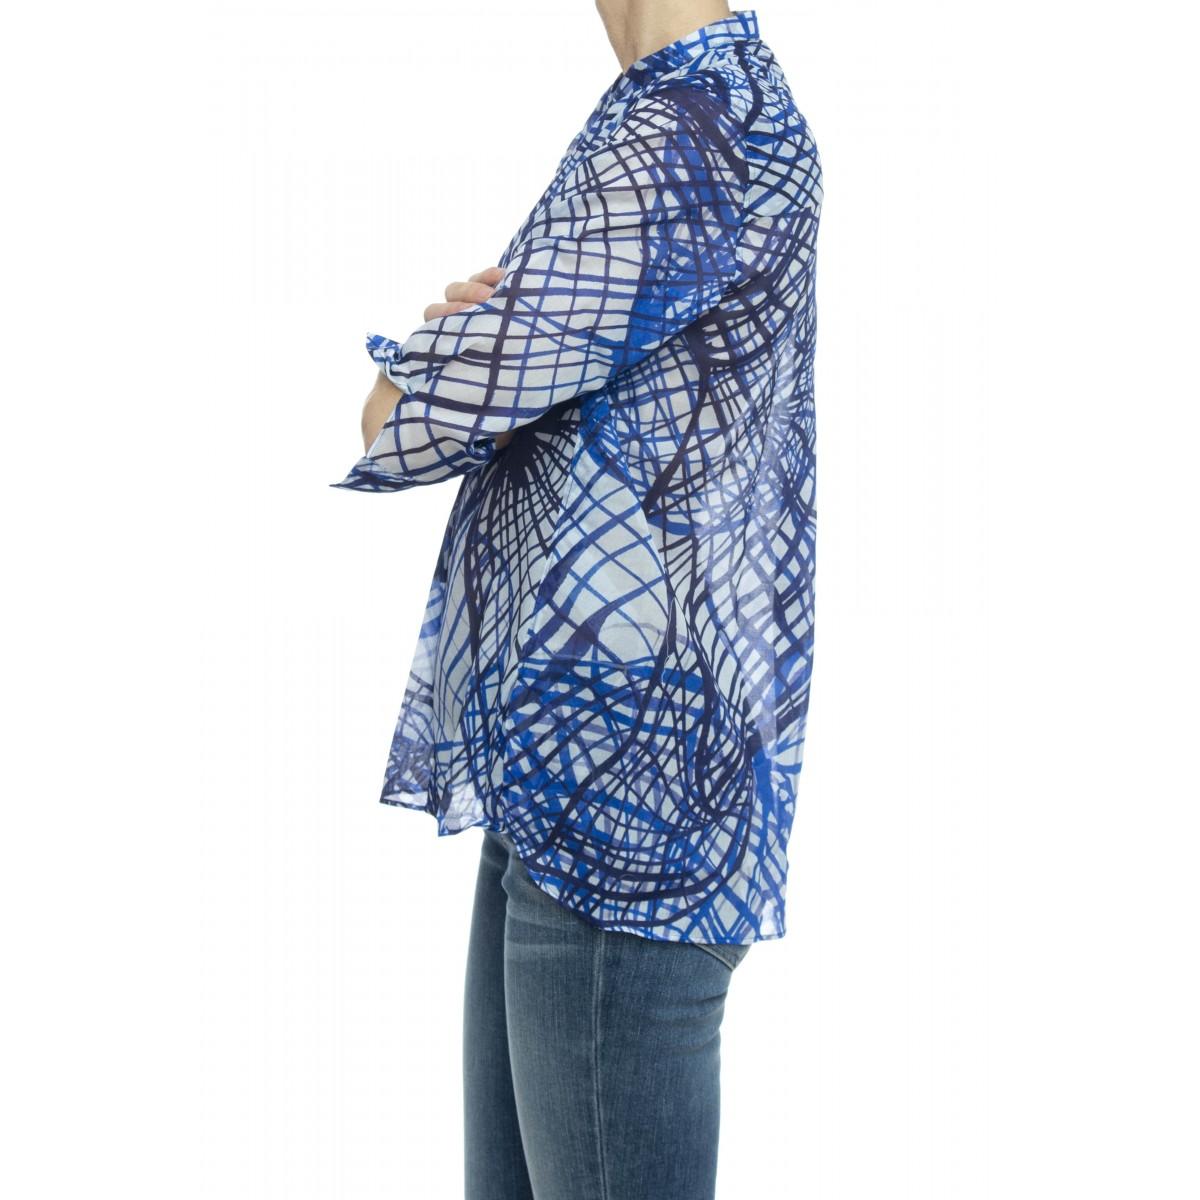 Camicia donna - R2v z0s stampa